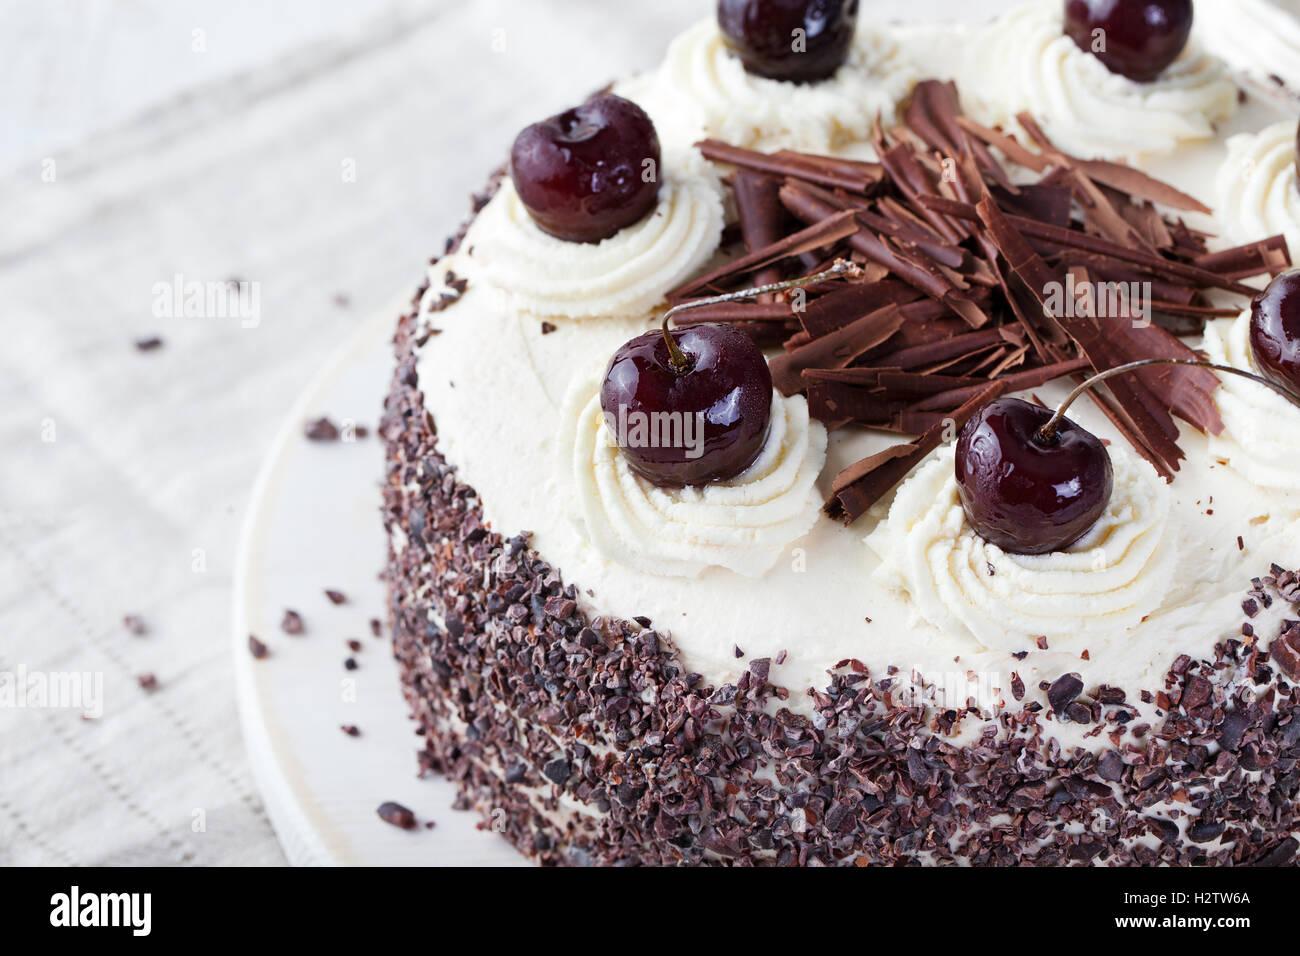 Schwarzwaelder Kirsch Torte Stockfotos  Schwarzwaelder